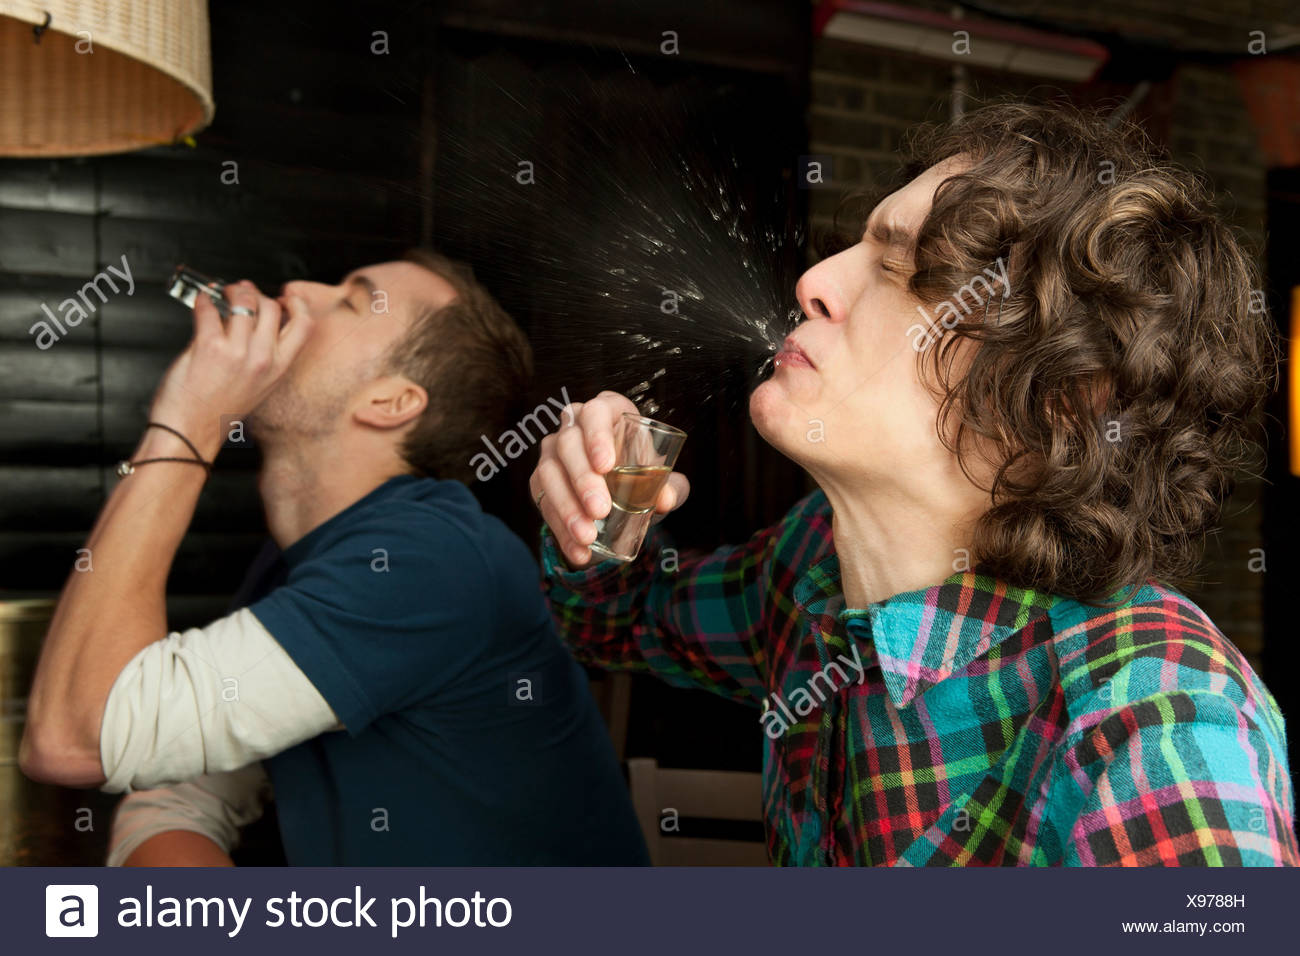 Deux hommes de boire des coups de Photo Stock